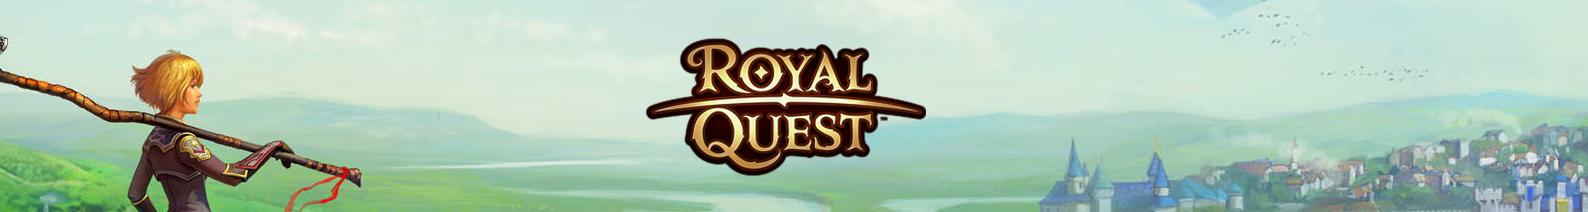 Royal Quest - bannière